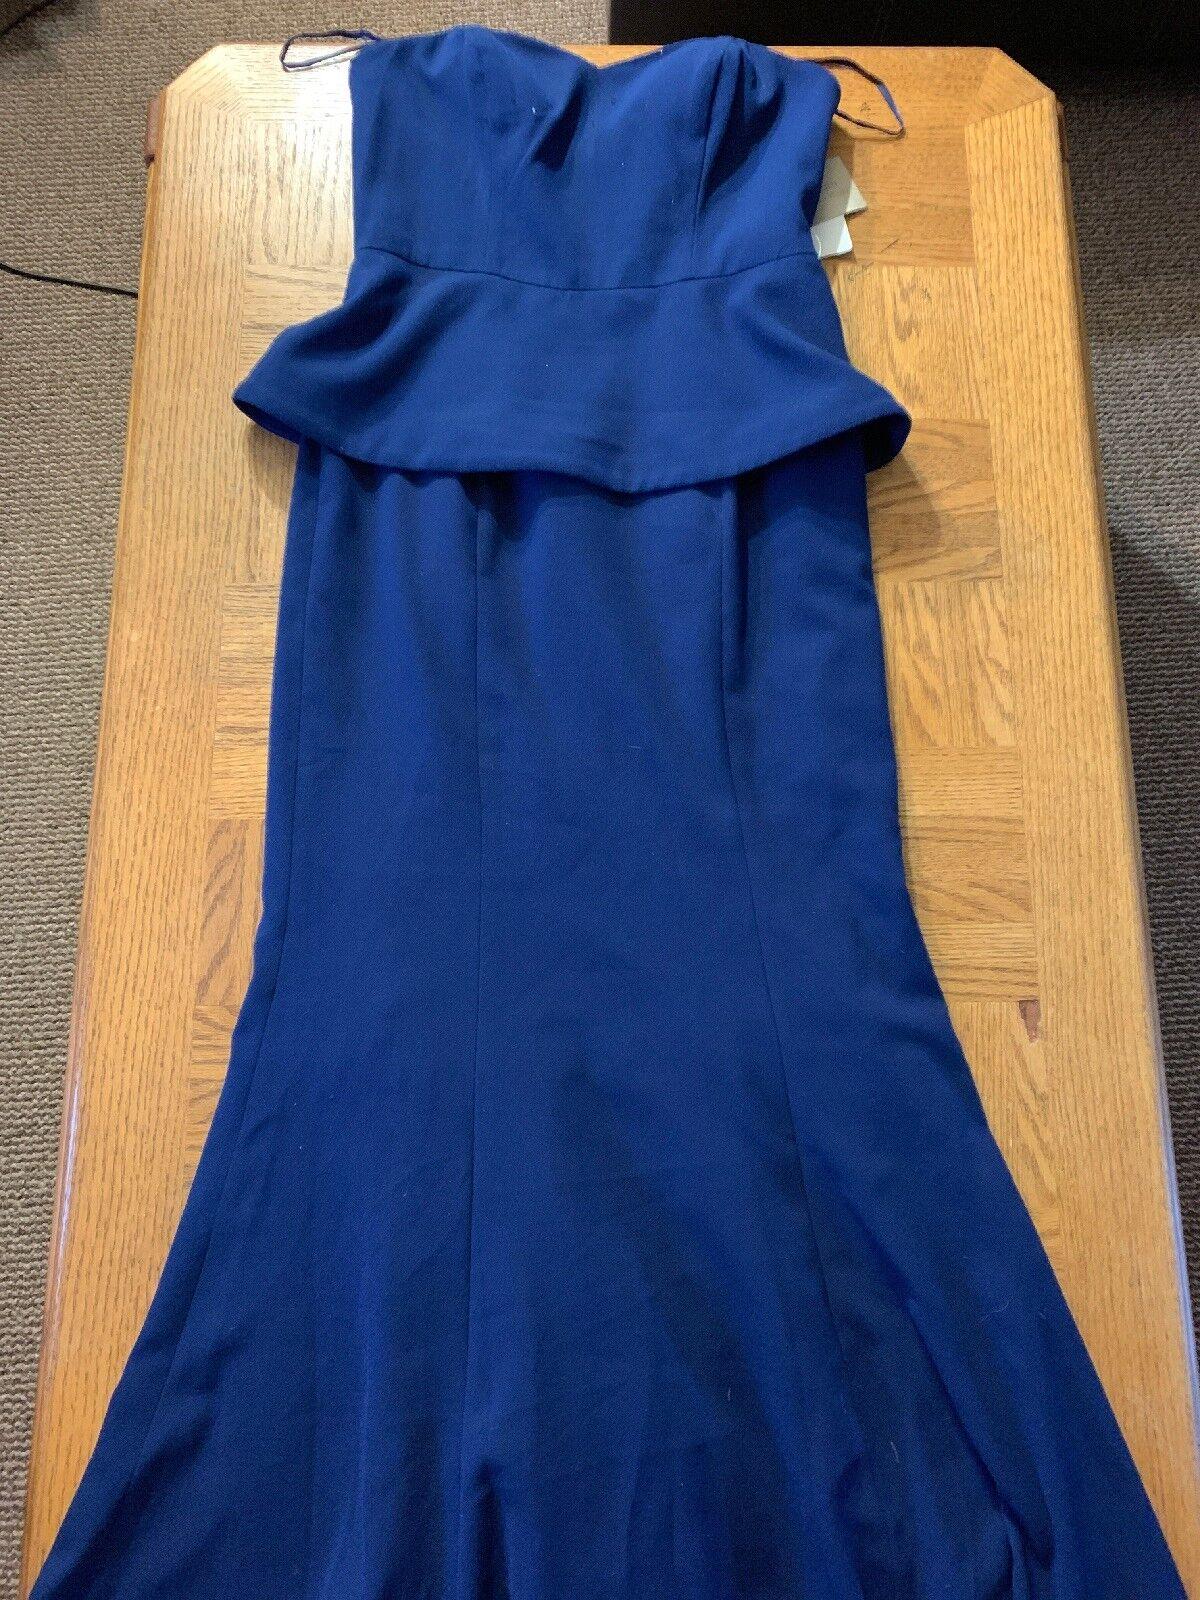 37d1a0c9 Aidan Womens Dress Size 4 0102 nquwfy2699-Dresses - garden ...